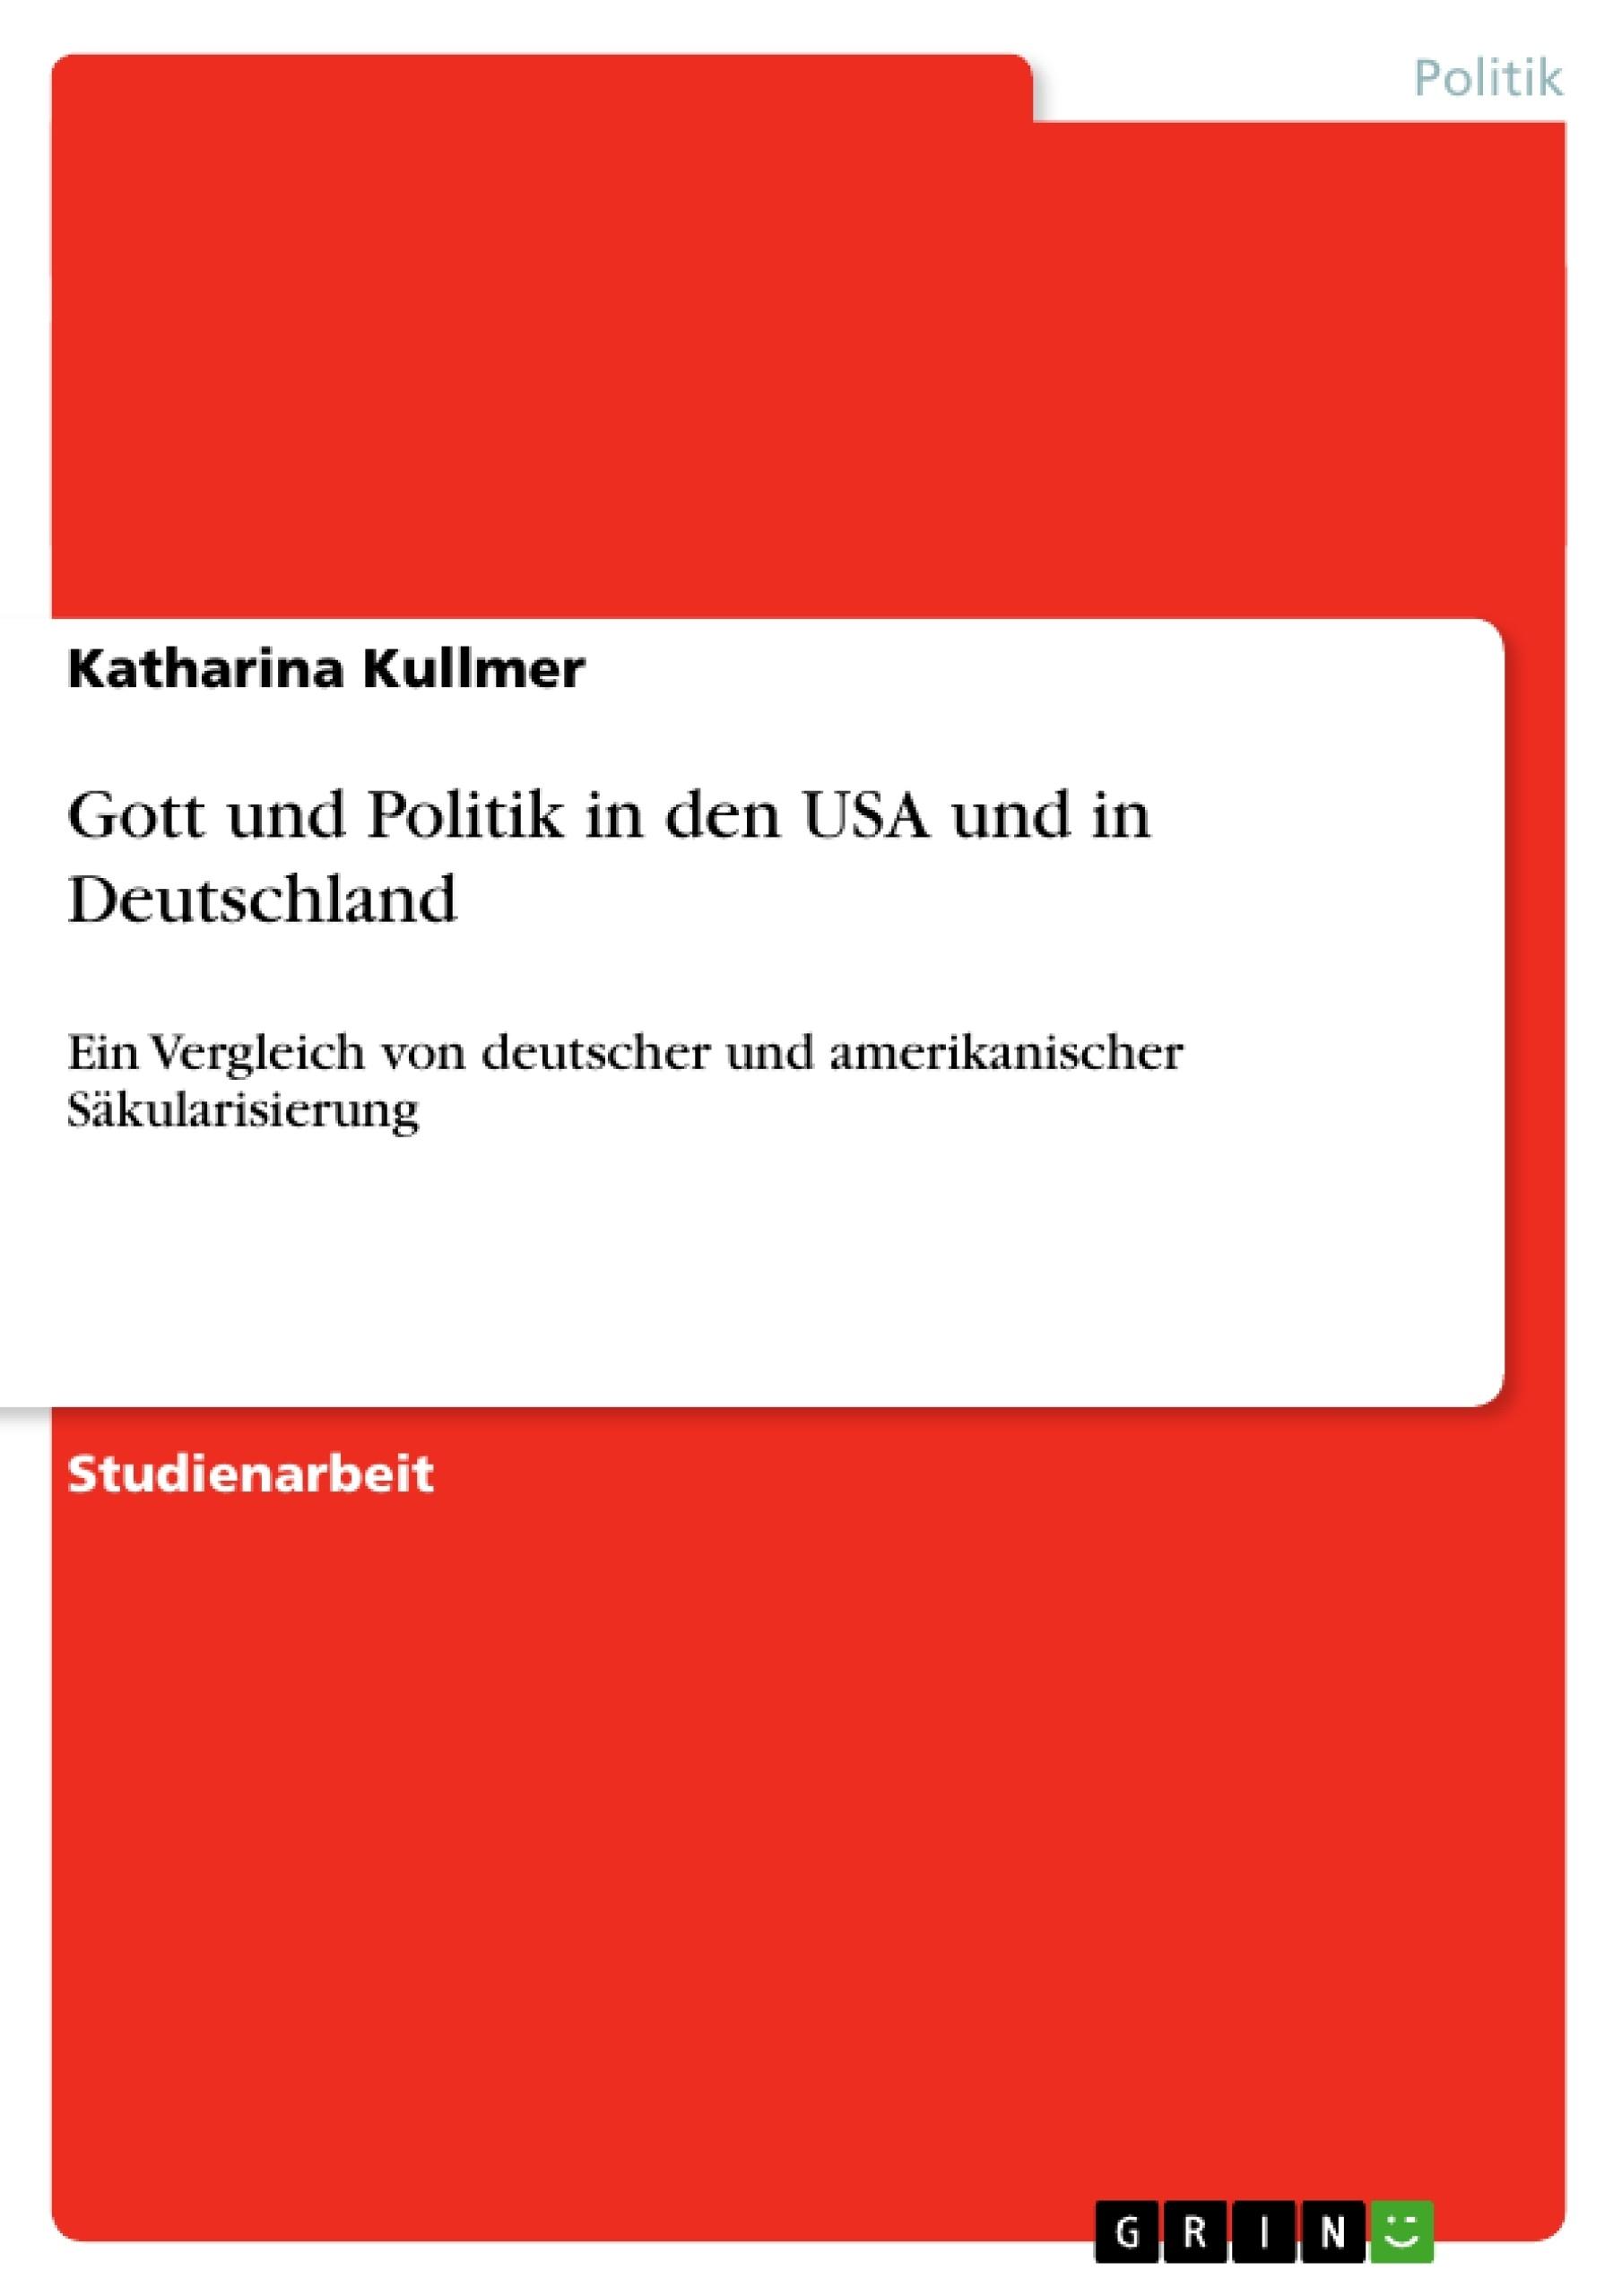 Titel: Gott und Politik in den USA und in Deutschland